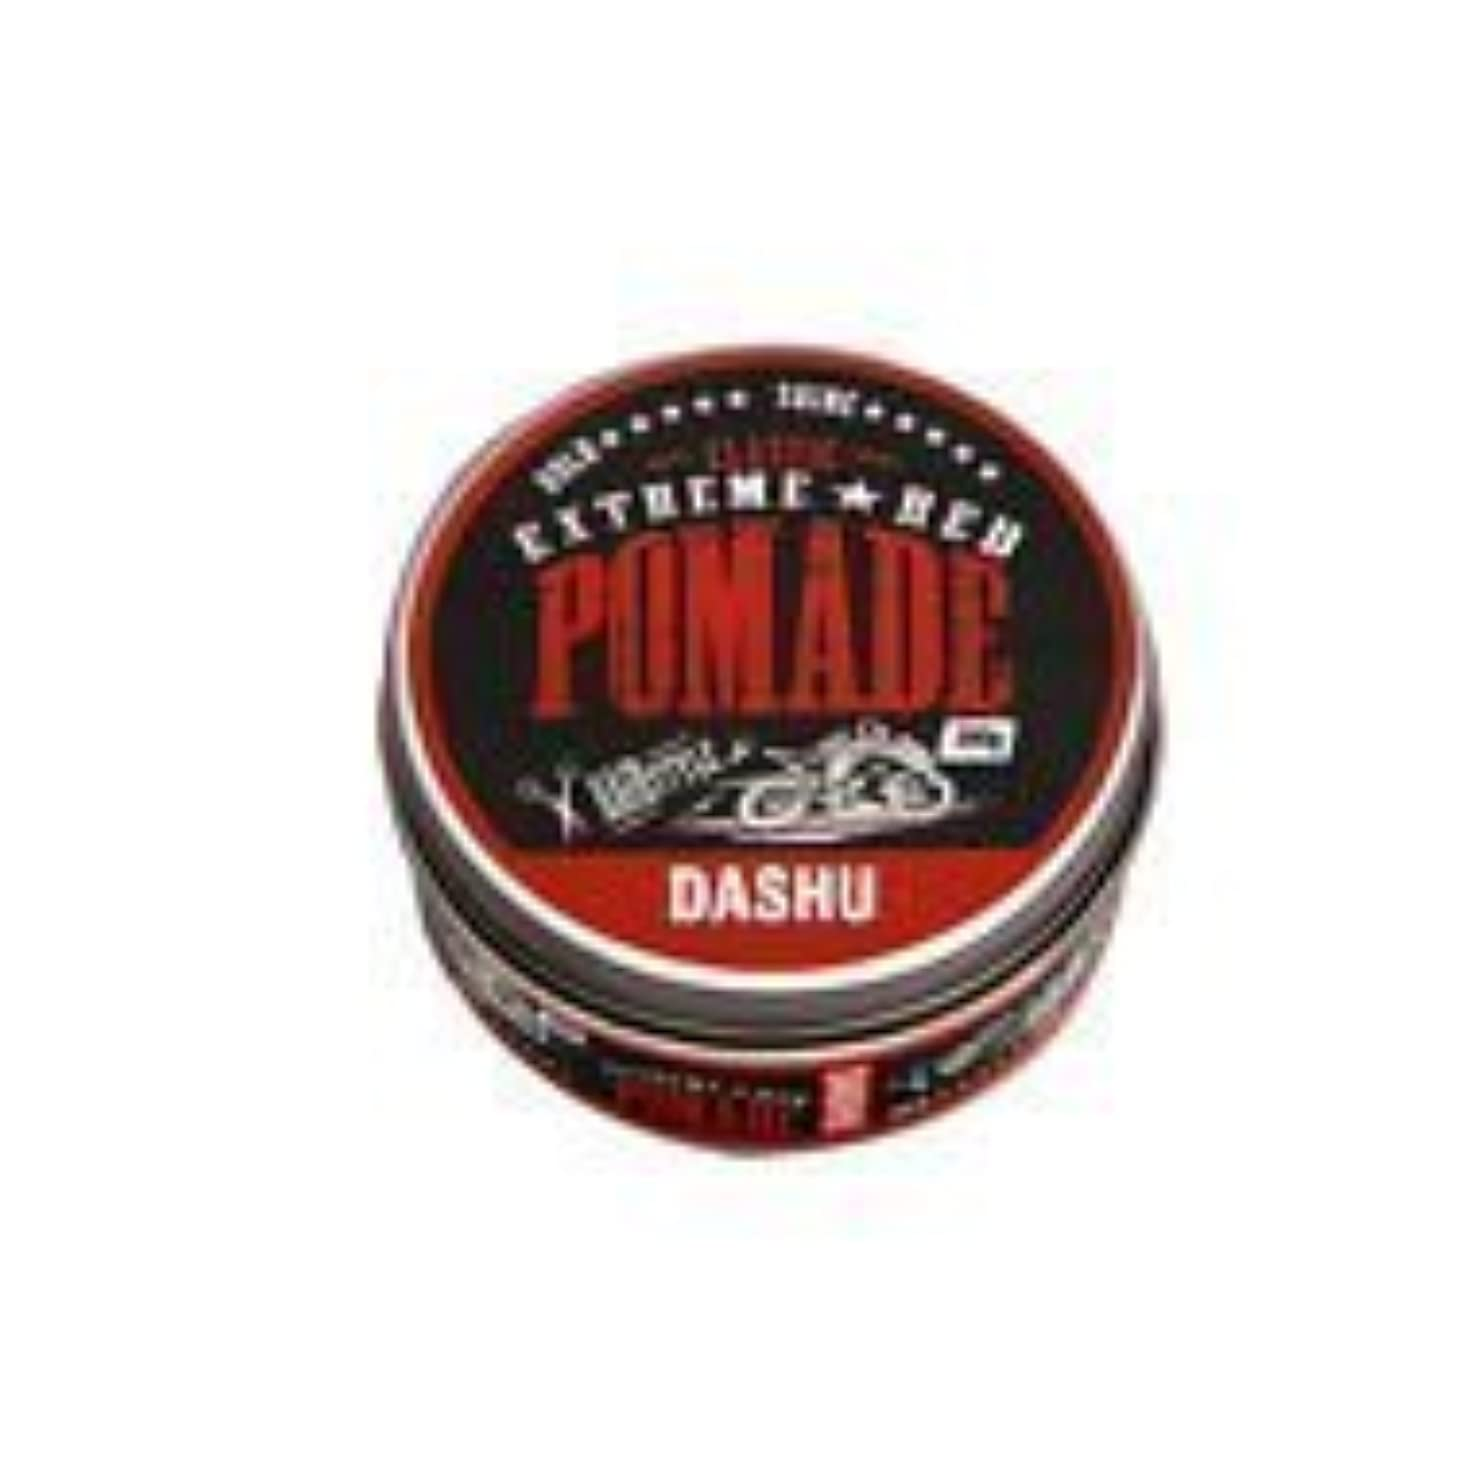 怠惰弱める無傷[DASHU] ダシュ クラシックエクストリームレッドポマード Classic Extreme Red Pomade Hair Wax 100ml / 韓国製 . 韓国直送品